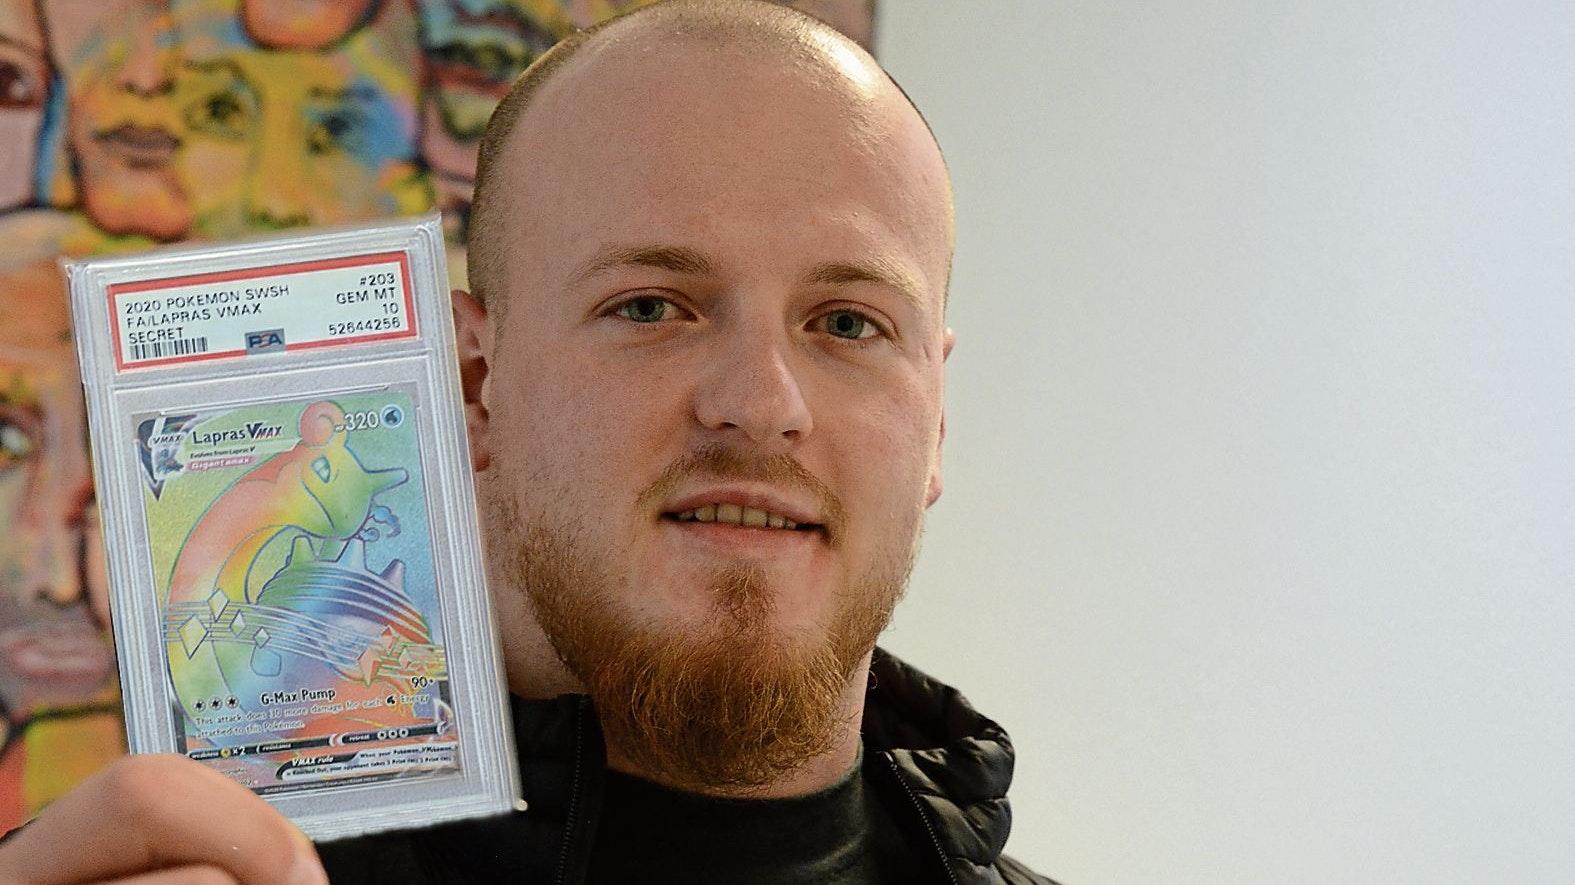 Leidenschaftlicher Sammler: Dennis Morasch besitzt wertvolle Pokémon-Karten. Foto: Hermes